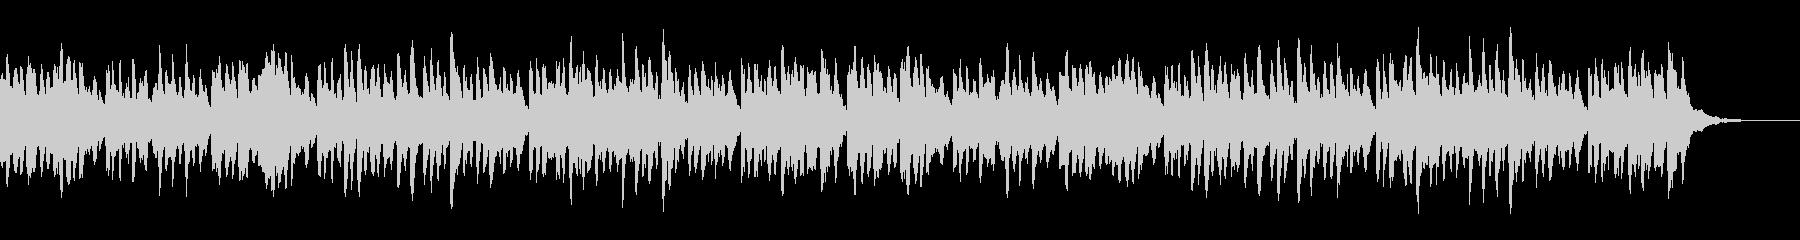 ジングルベル マリンバの未再生の波形